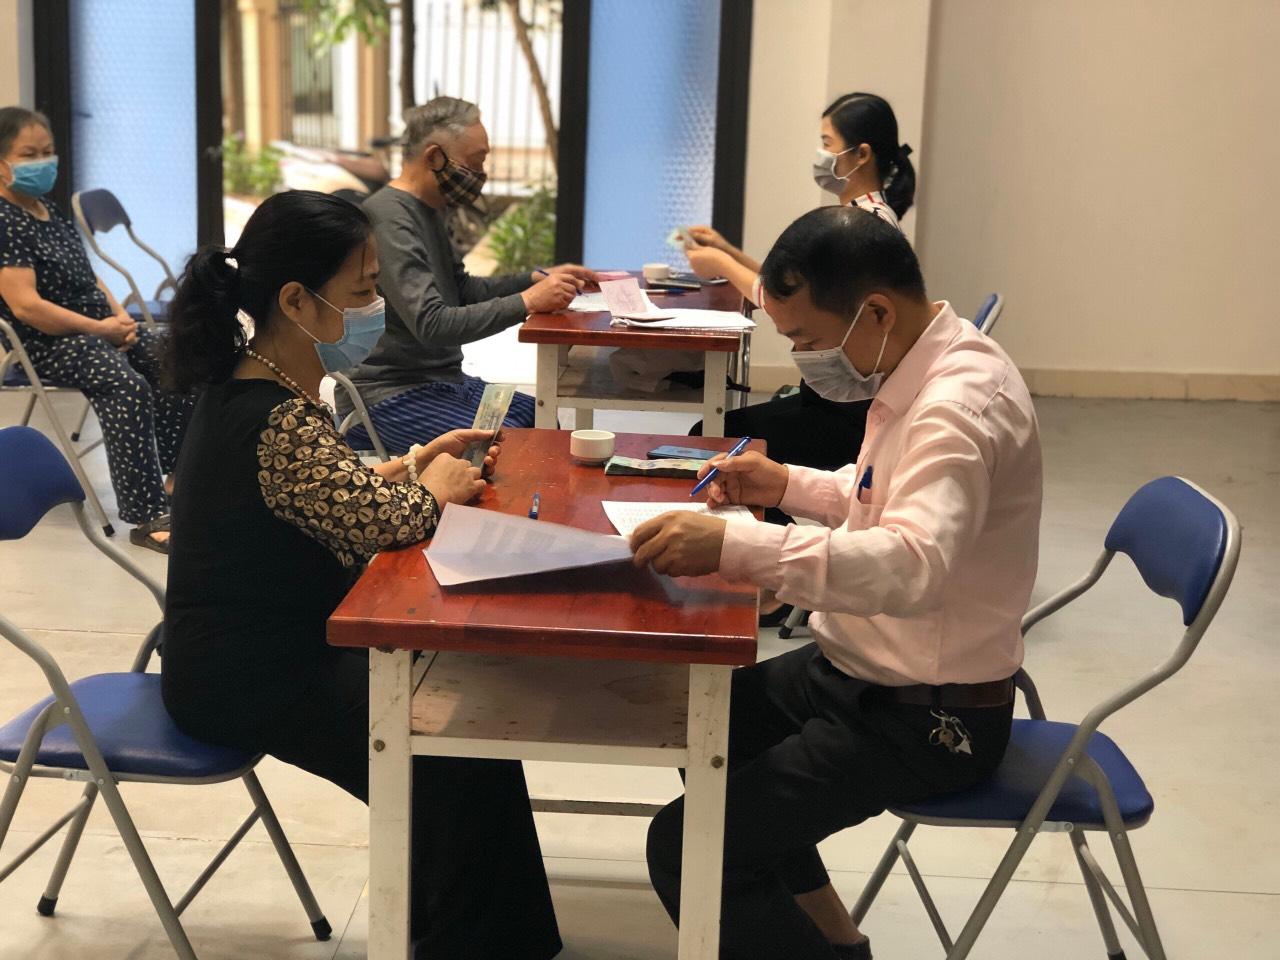 Hà Nội: Chi trả gói hỗ trợ 62 nghìn tỷ đồng cho người có công; bảo trợ xã hội; hộ nghèo, cận nghèo